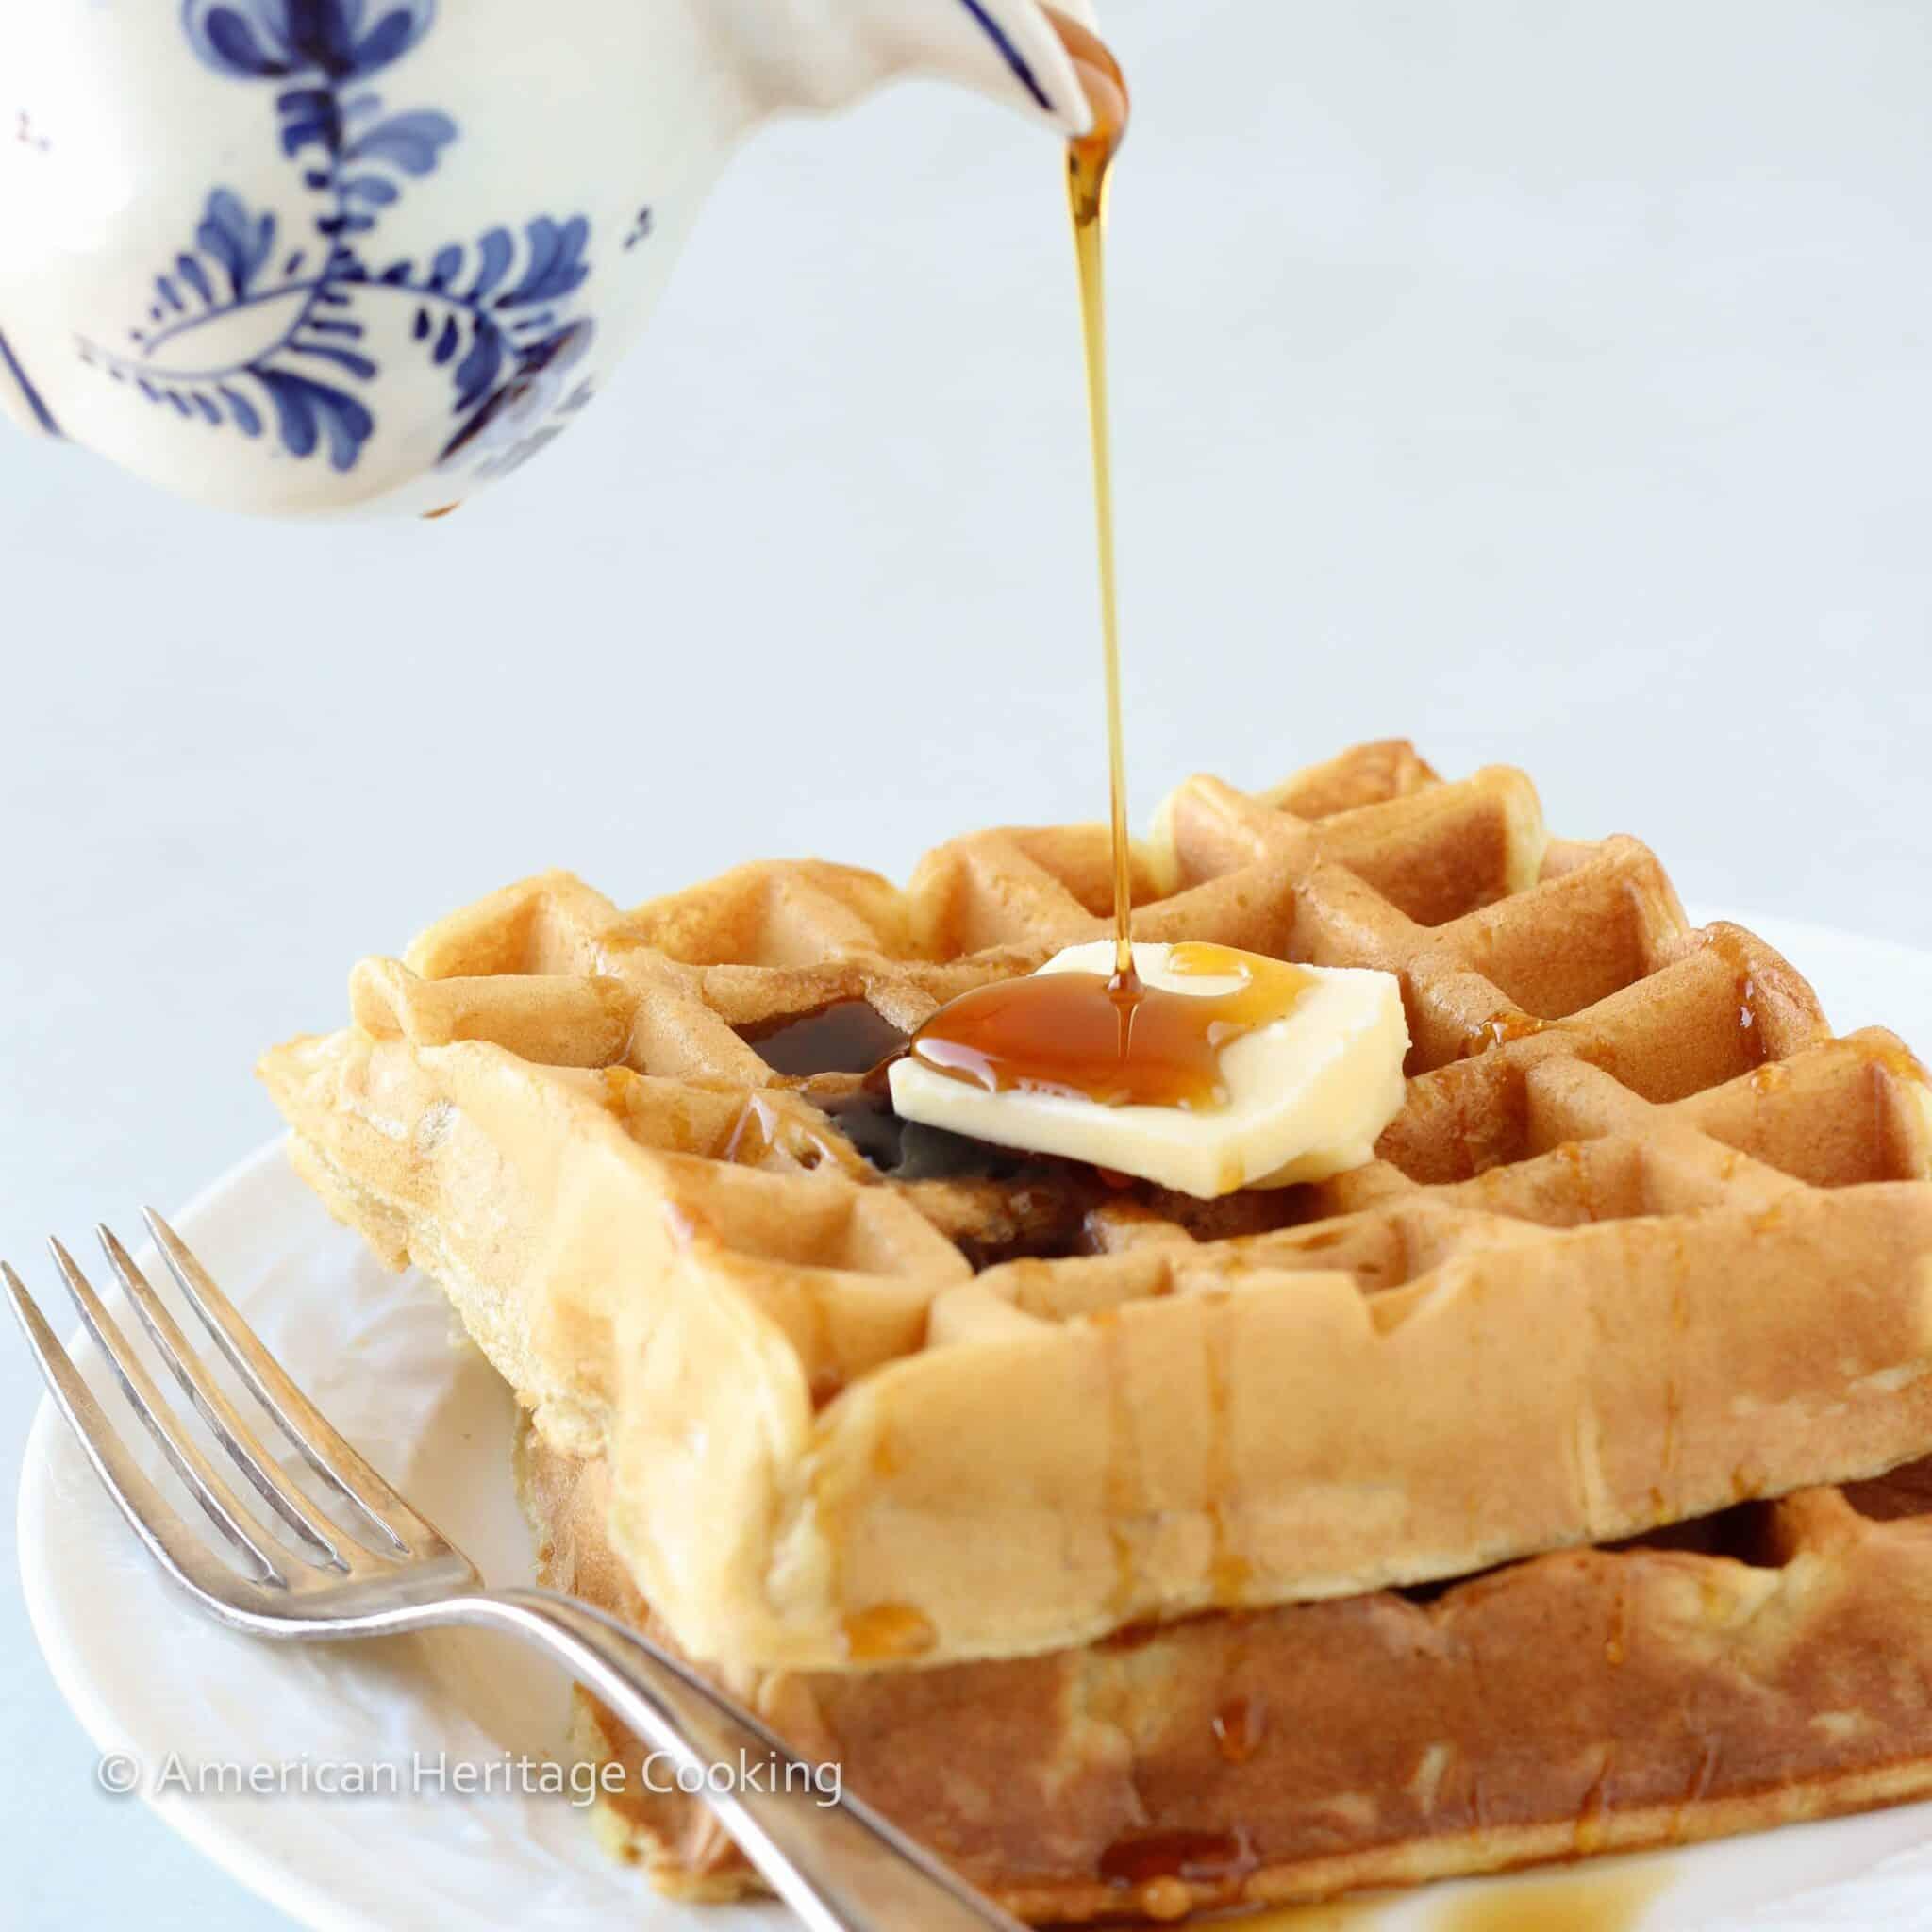 Lazy Sunday Buttermilk Waffles